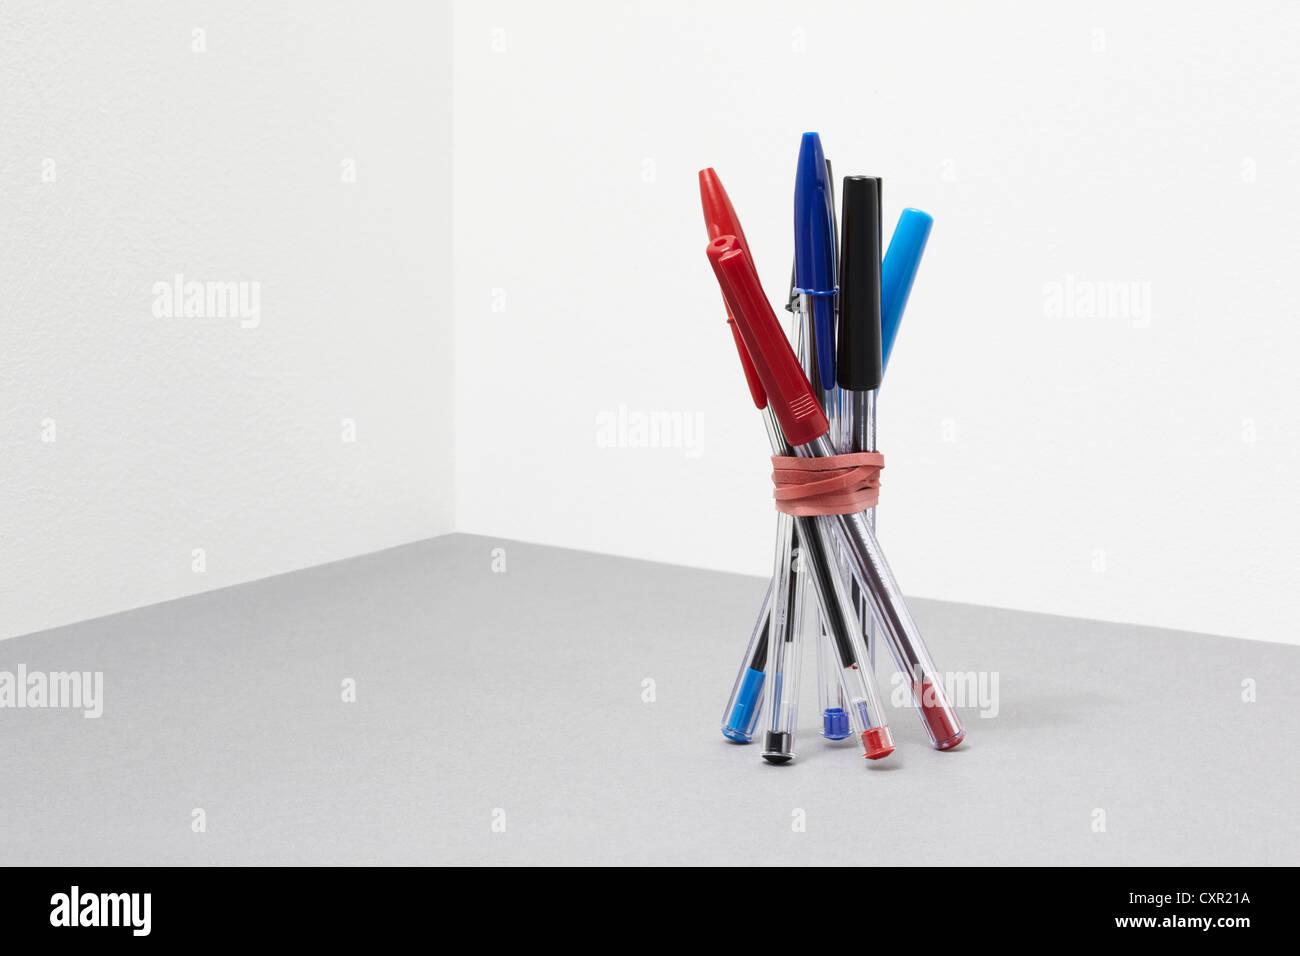 Ensemble de stylos Banque D'Images